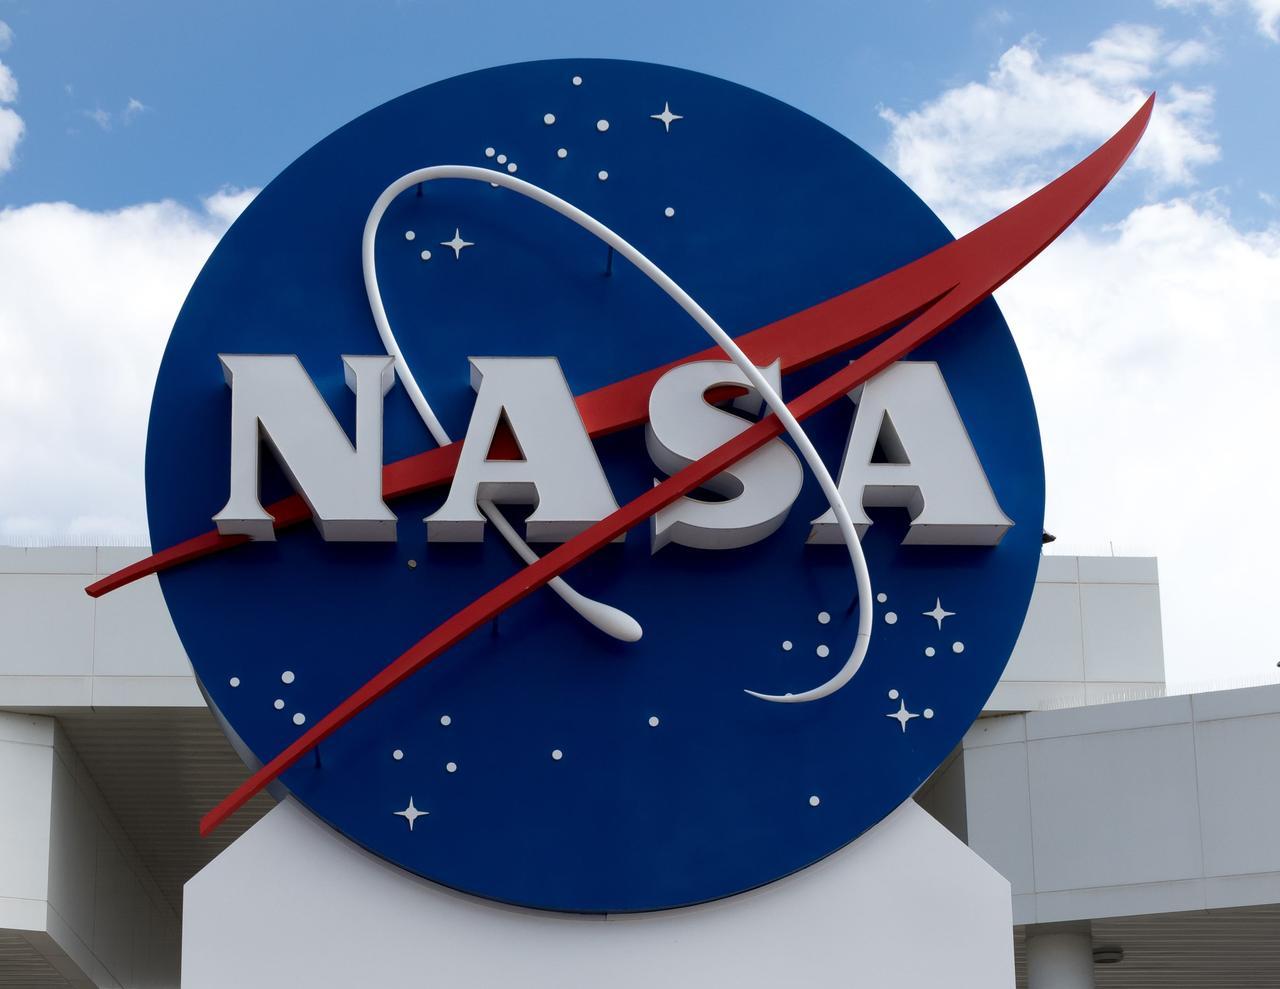 NASAがエイリアンから地球を守る「惑星保護官」を求人中!? >>> 夢があっていいんだけど、AIとかについて年収100万でも3つ思いついた